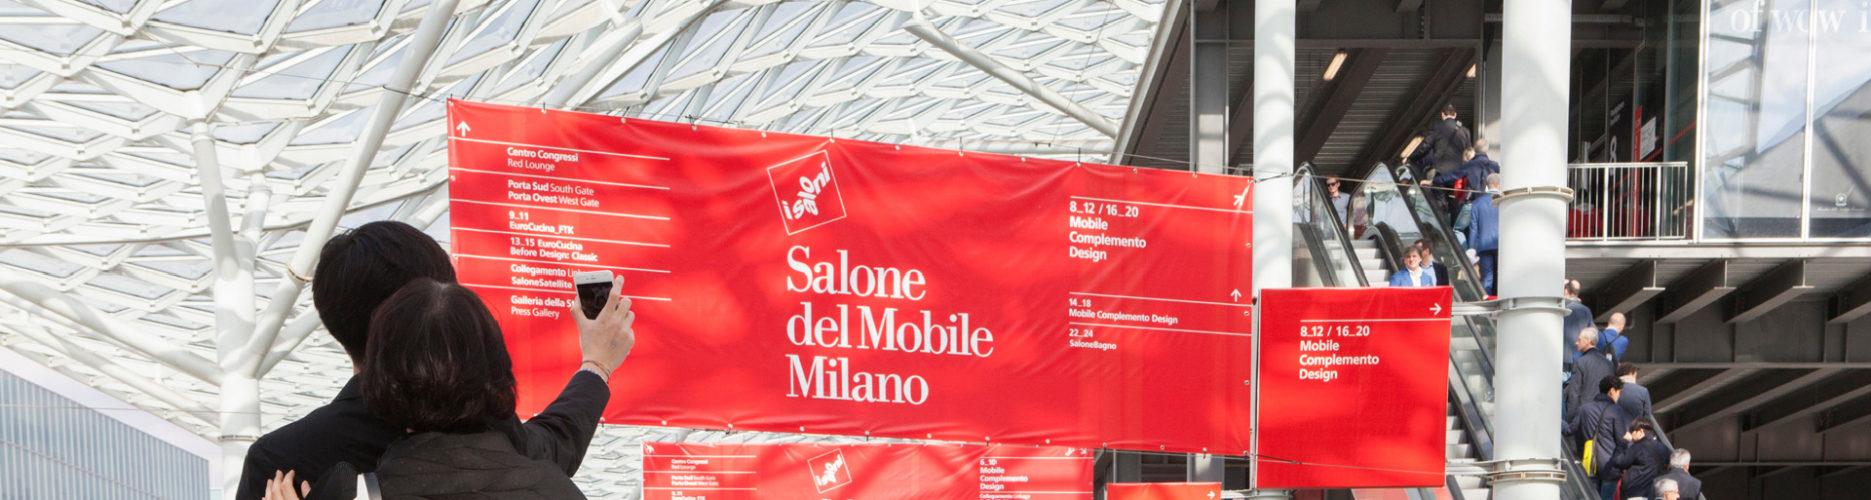 Mia Aparthotel Milano offerta per il Salone del Mobile